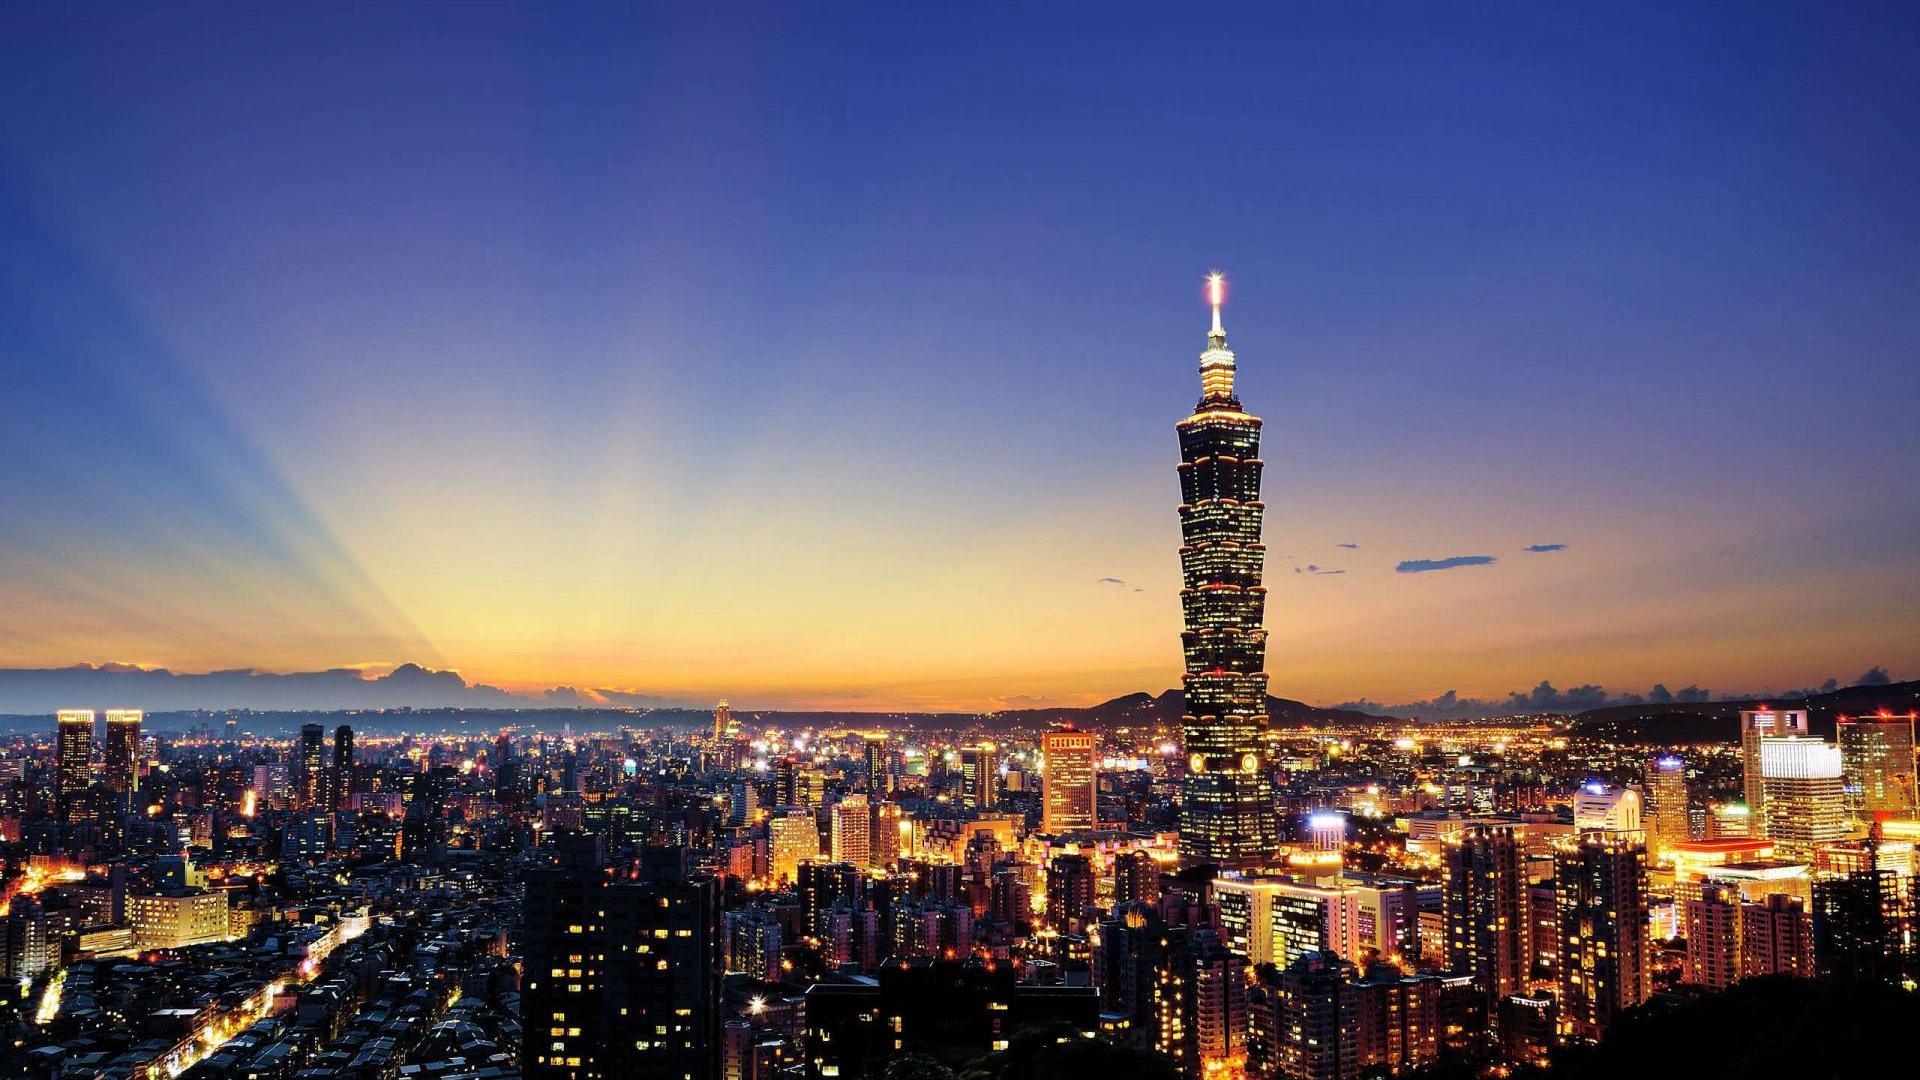 """""""走出去,你会遇见更多101大楼""""——陈柏光寄语广大台湾青年图片"""